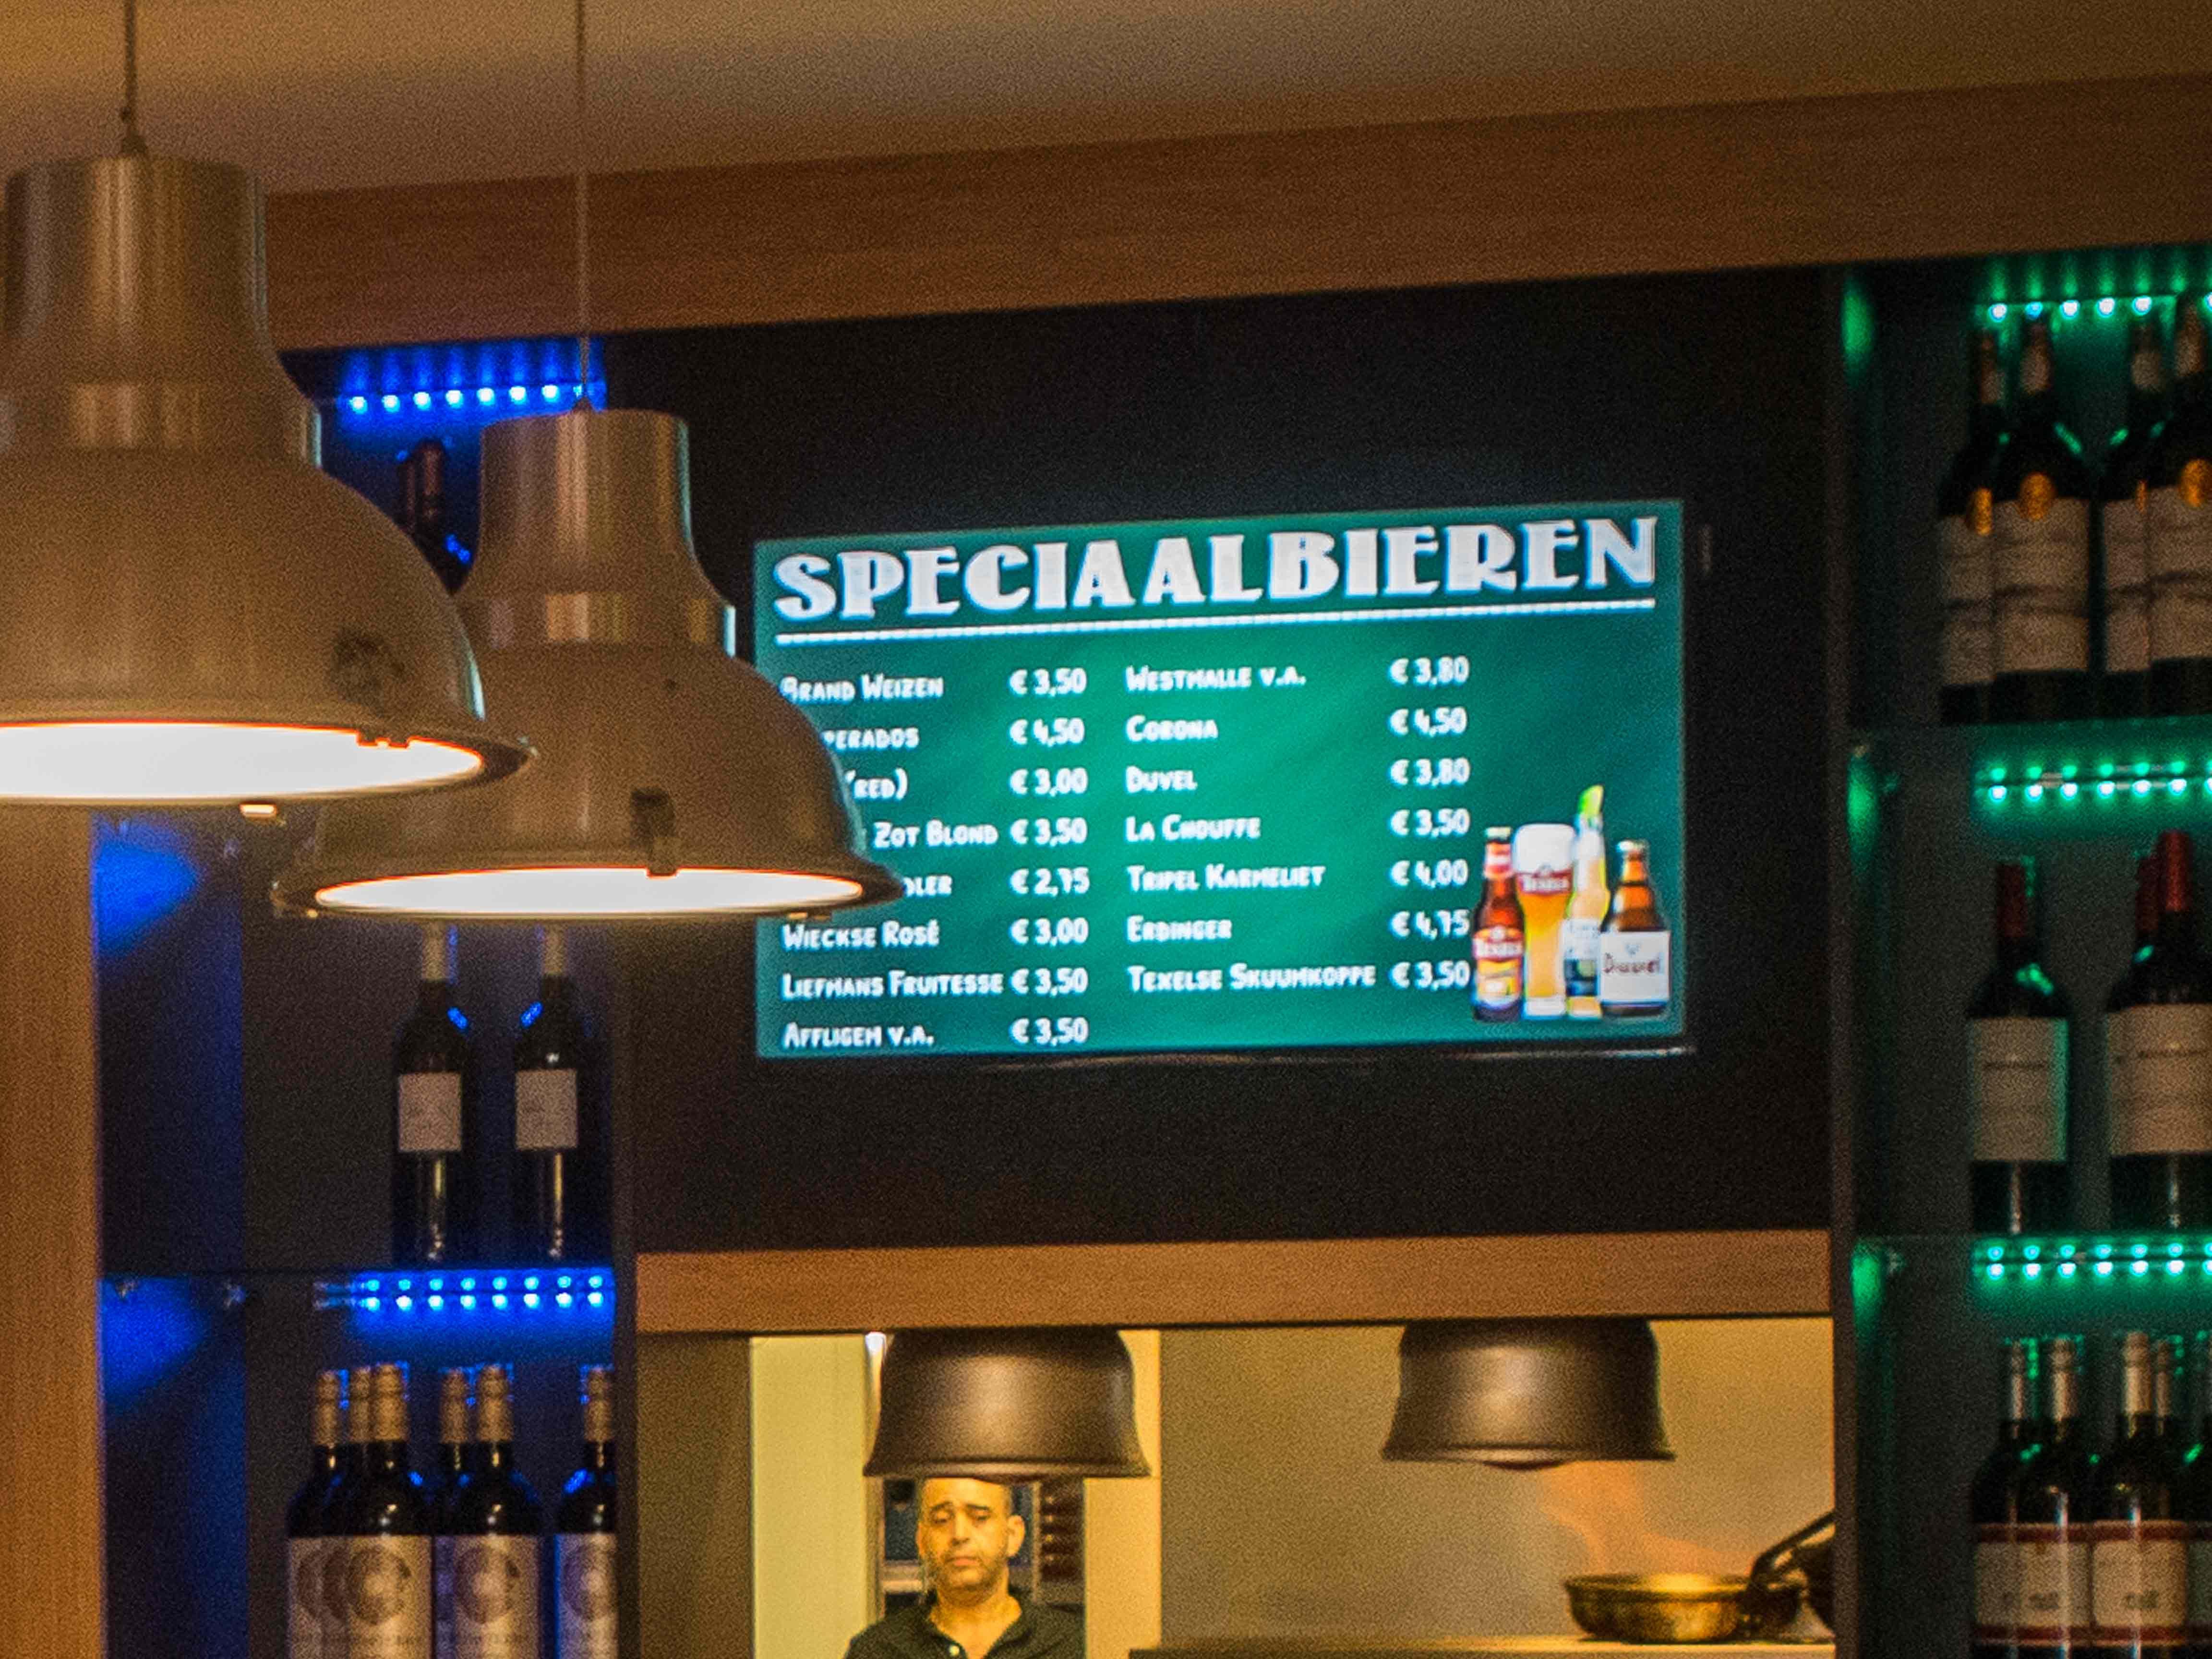 bierkaart_vergroot